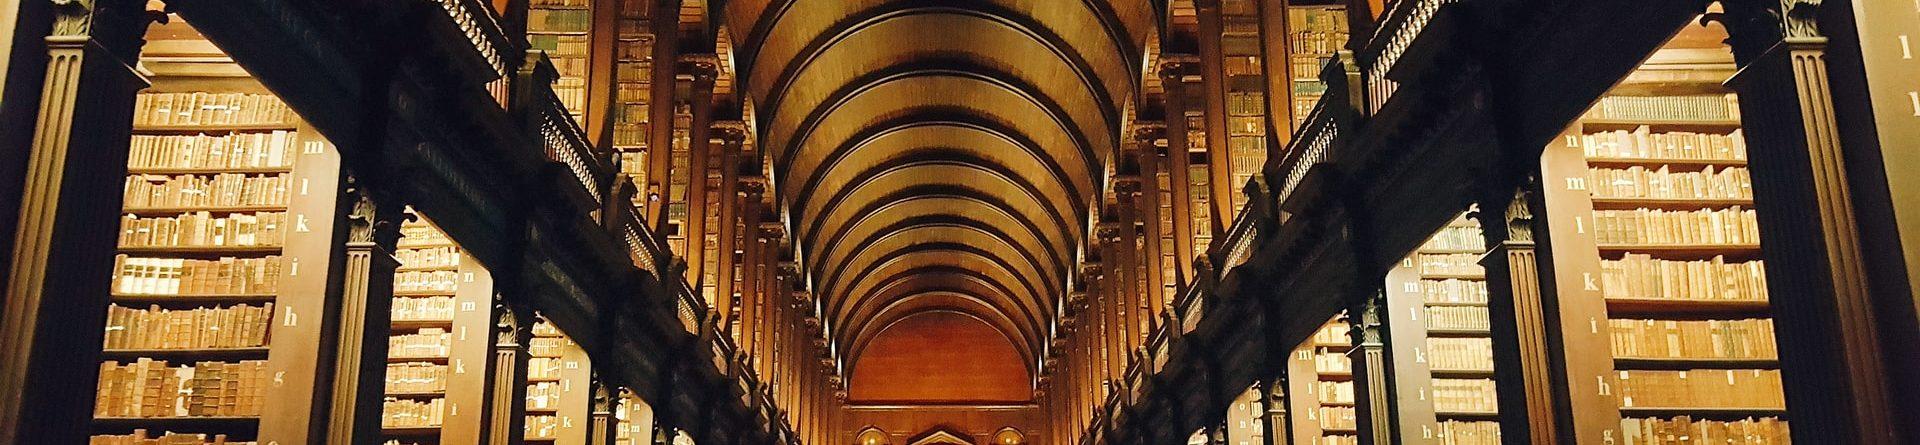 Высшие учебные заведения Ирландии